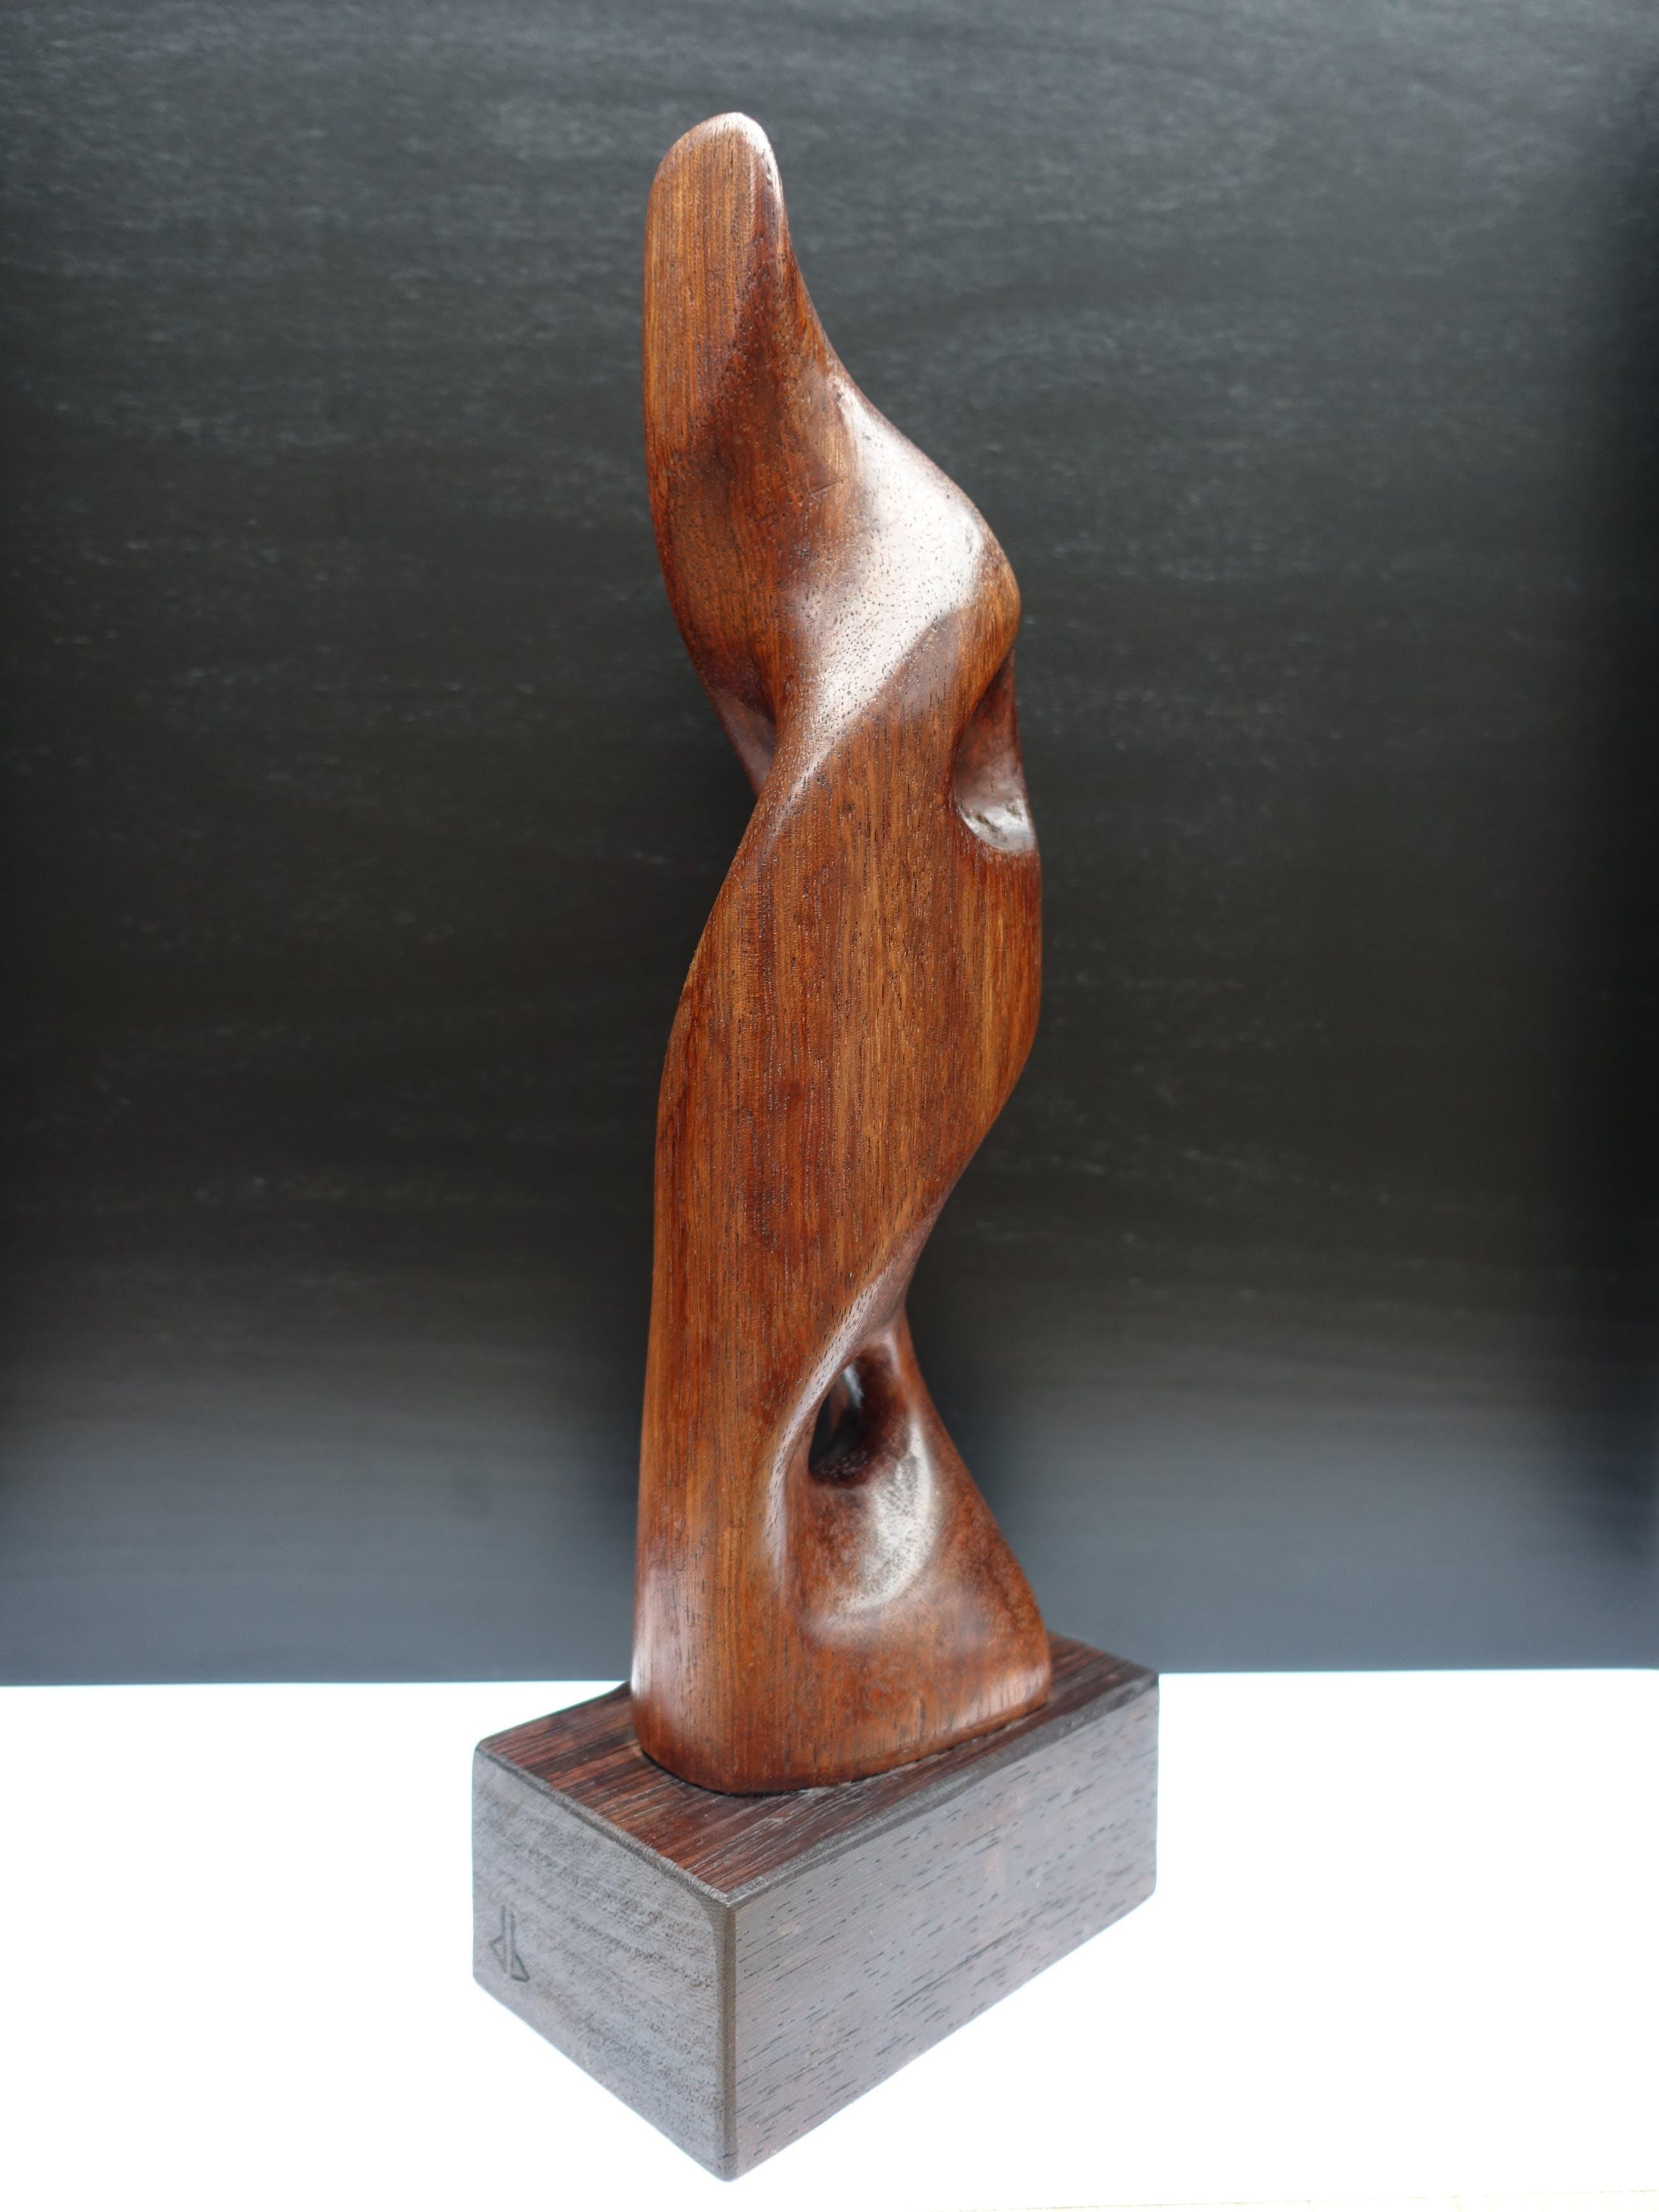 Dolf Breetvelt - Abstracte compositie in hout kopen? Bied vanaf 375!